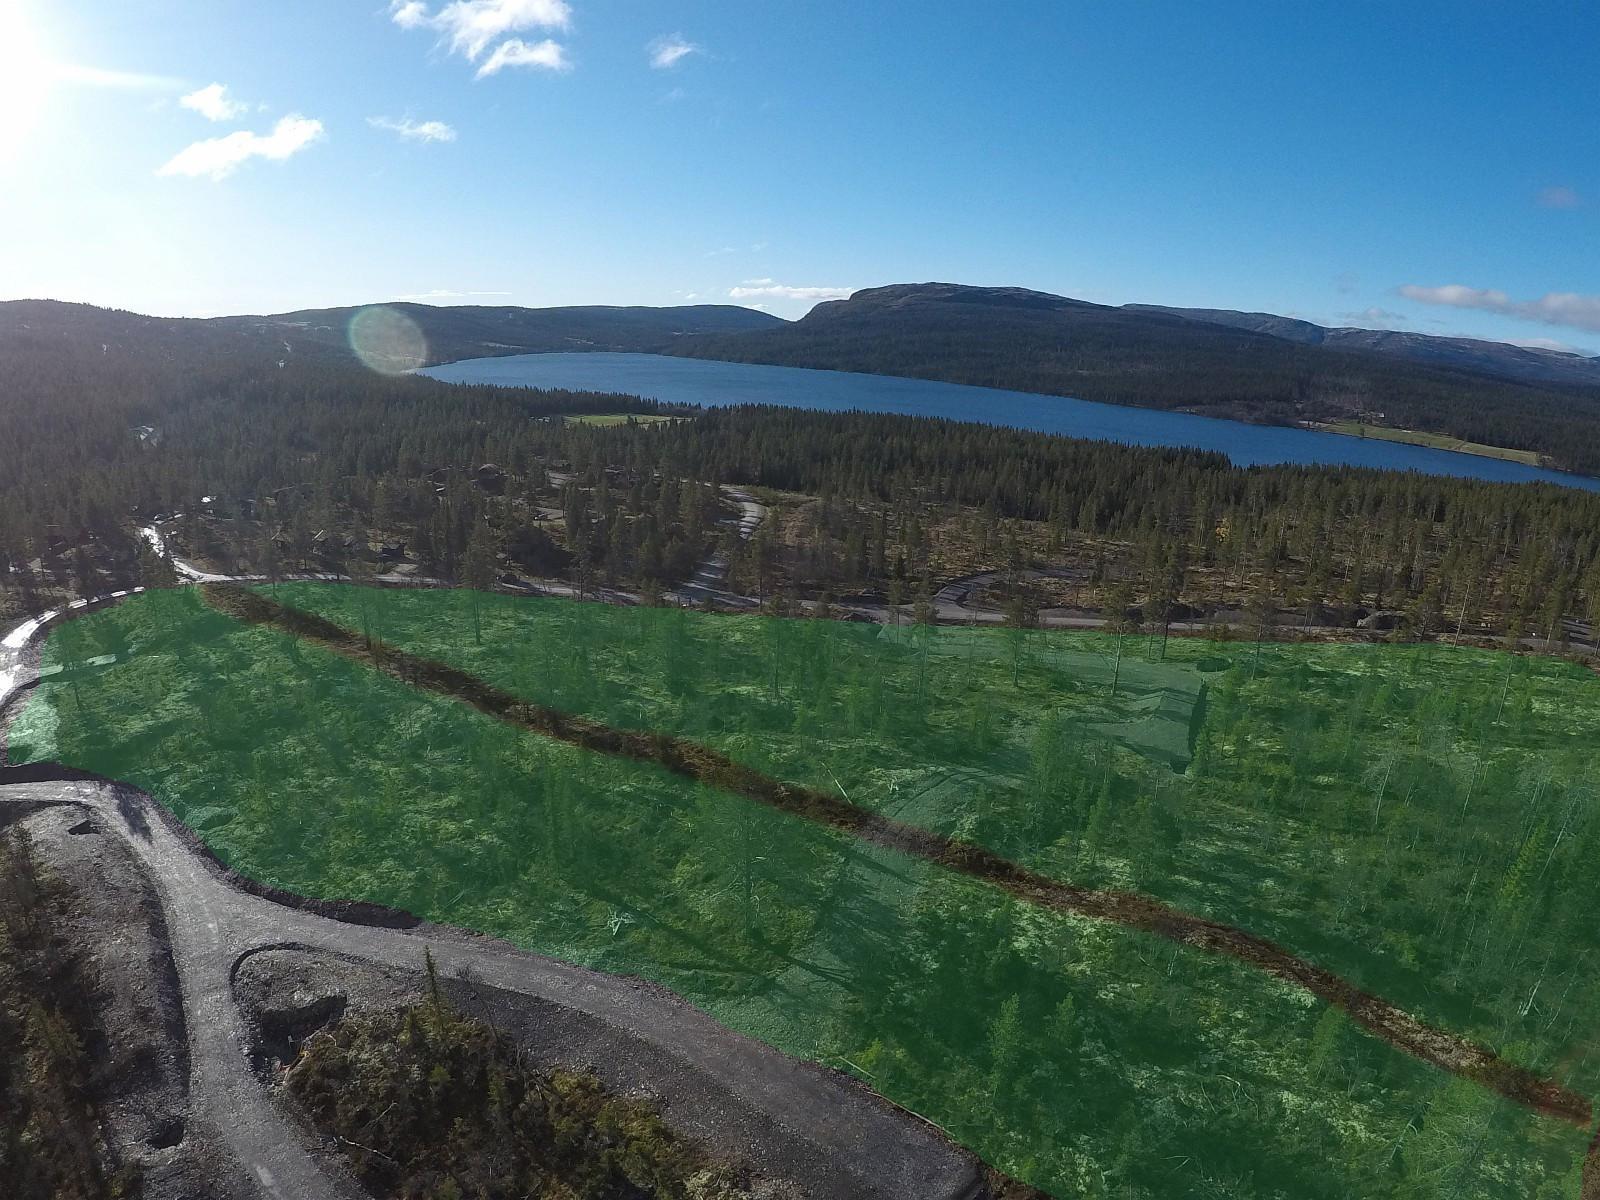 Hyttefeltet ligger fantastisk til med panorama utsikt mot Gålå vannet